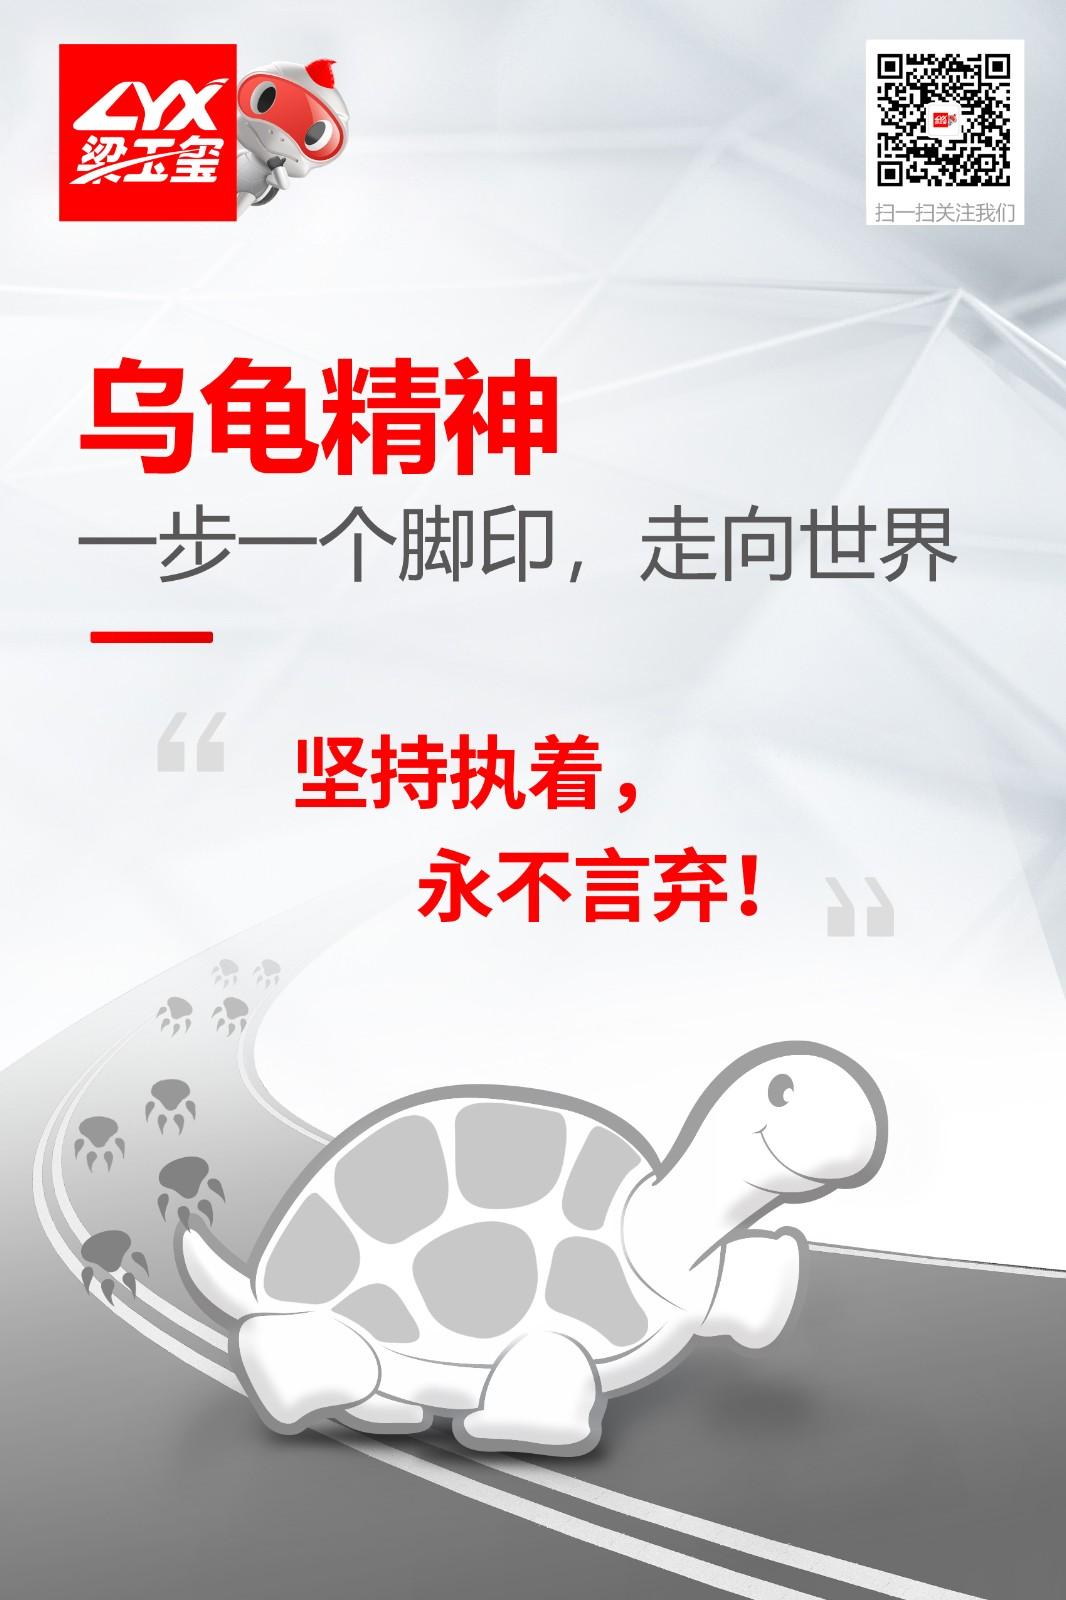 感恩一路有你,风雨同舟,梁玉玺真情反馈!—— 杭州站 商业资讯 第2张